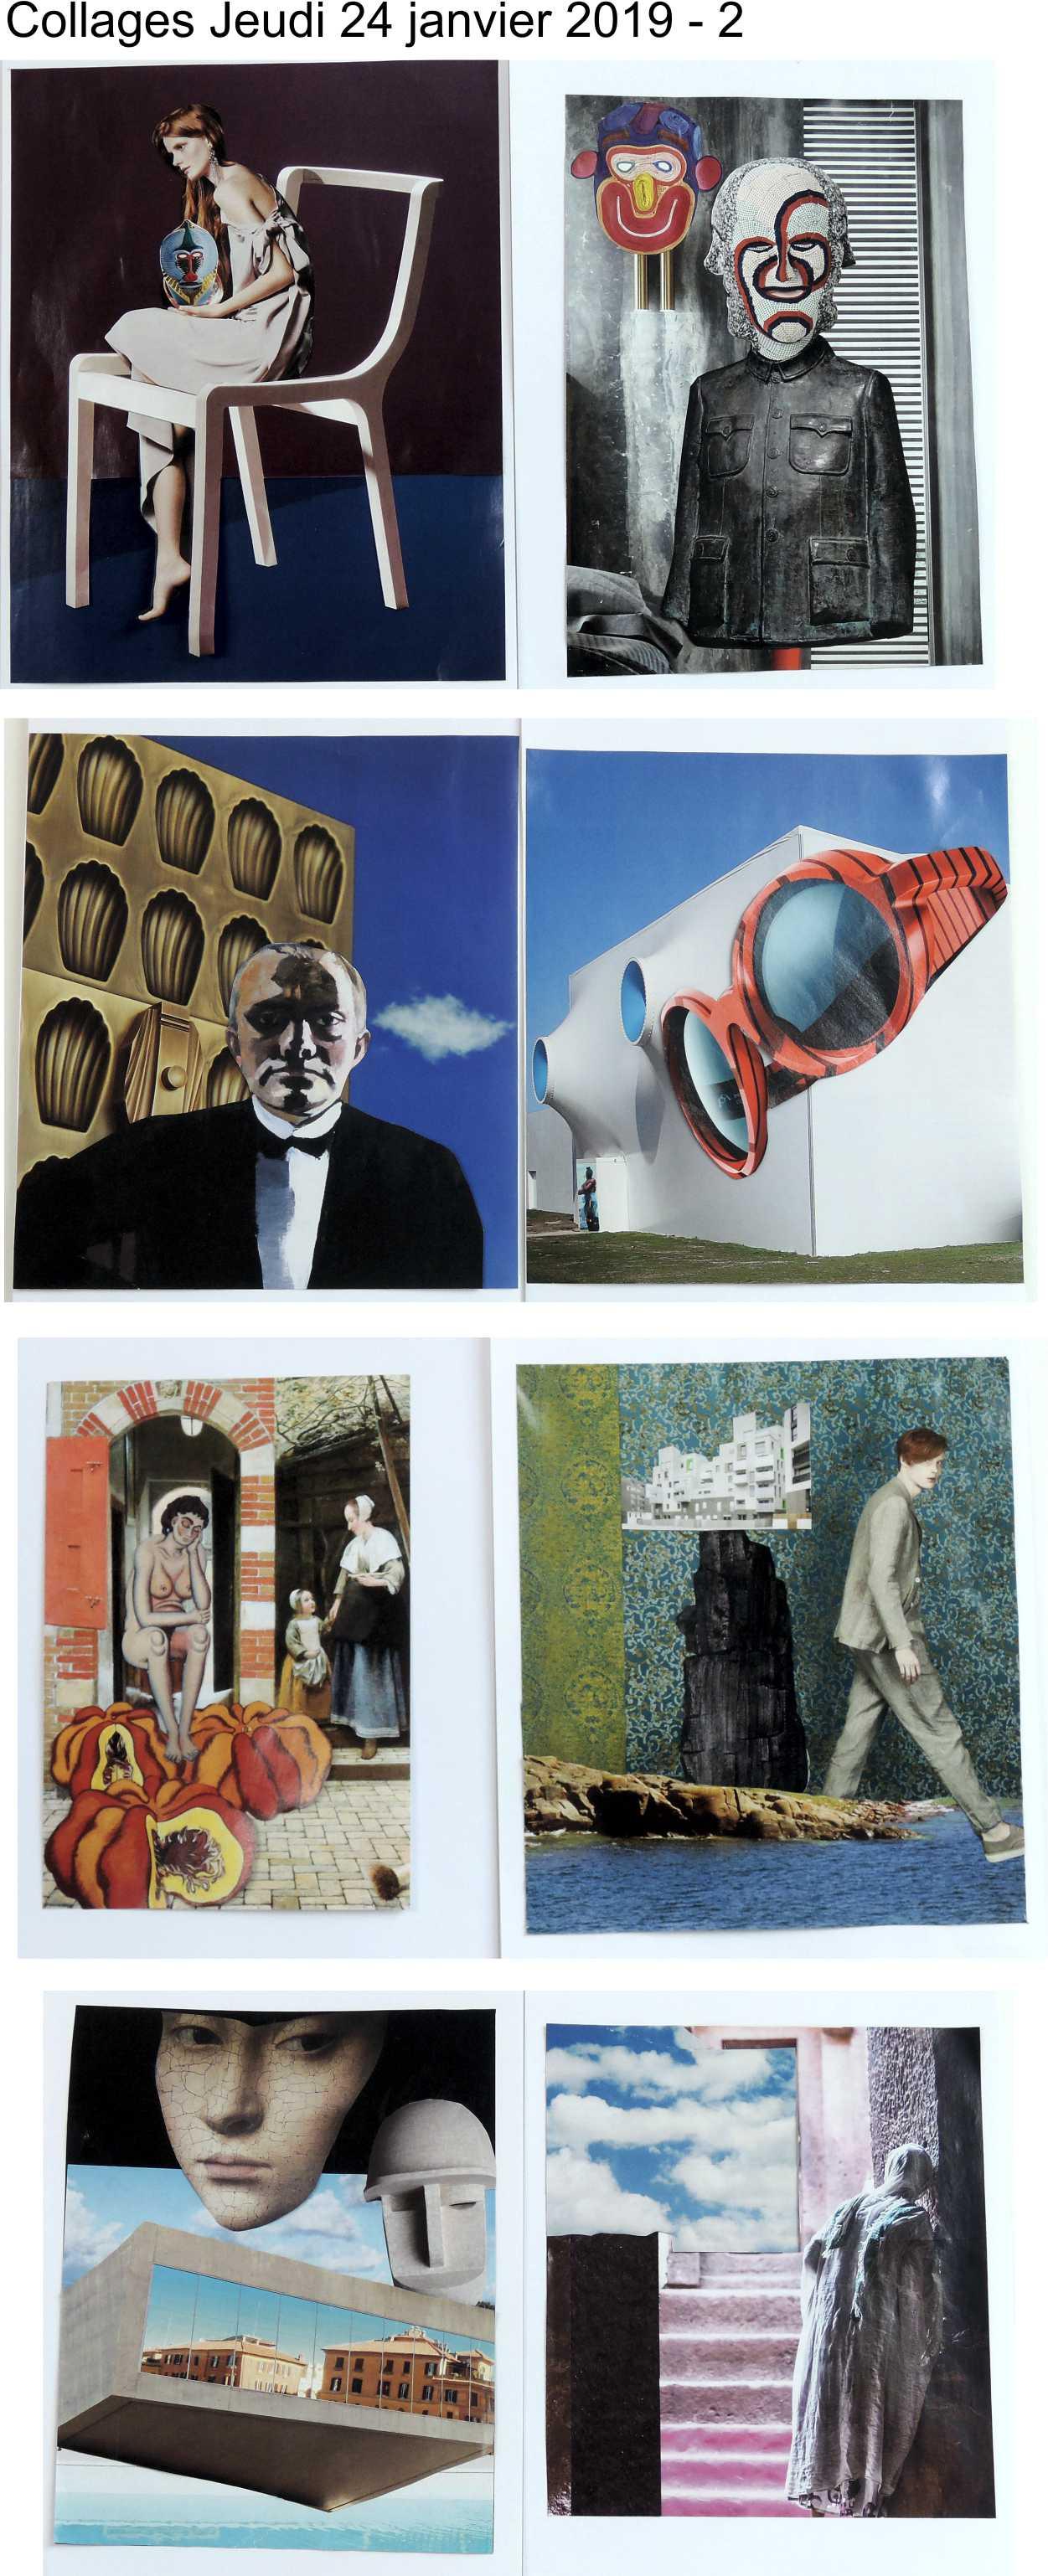 Collages jeudi 24 janvier 2019 Magritte 2